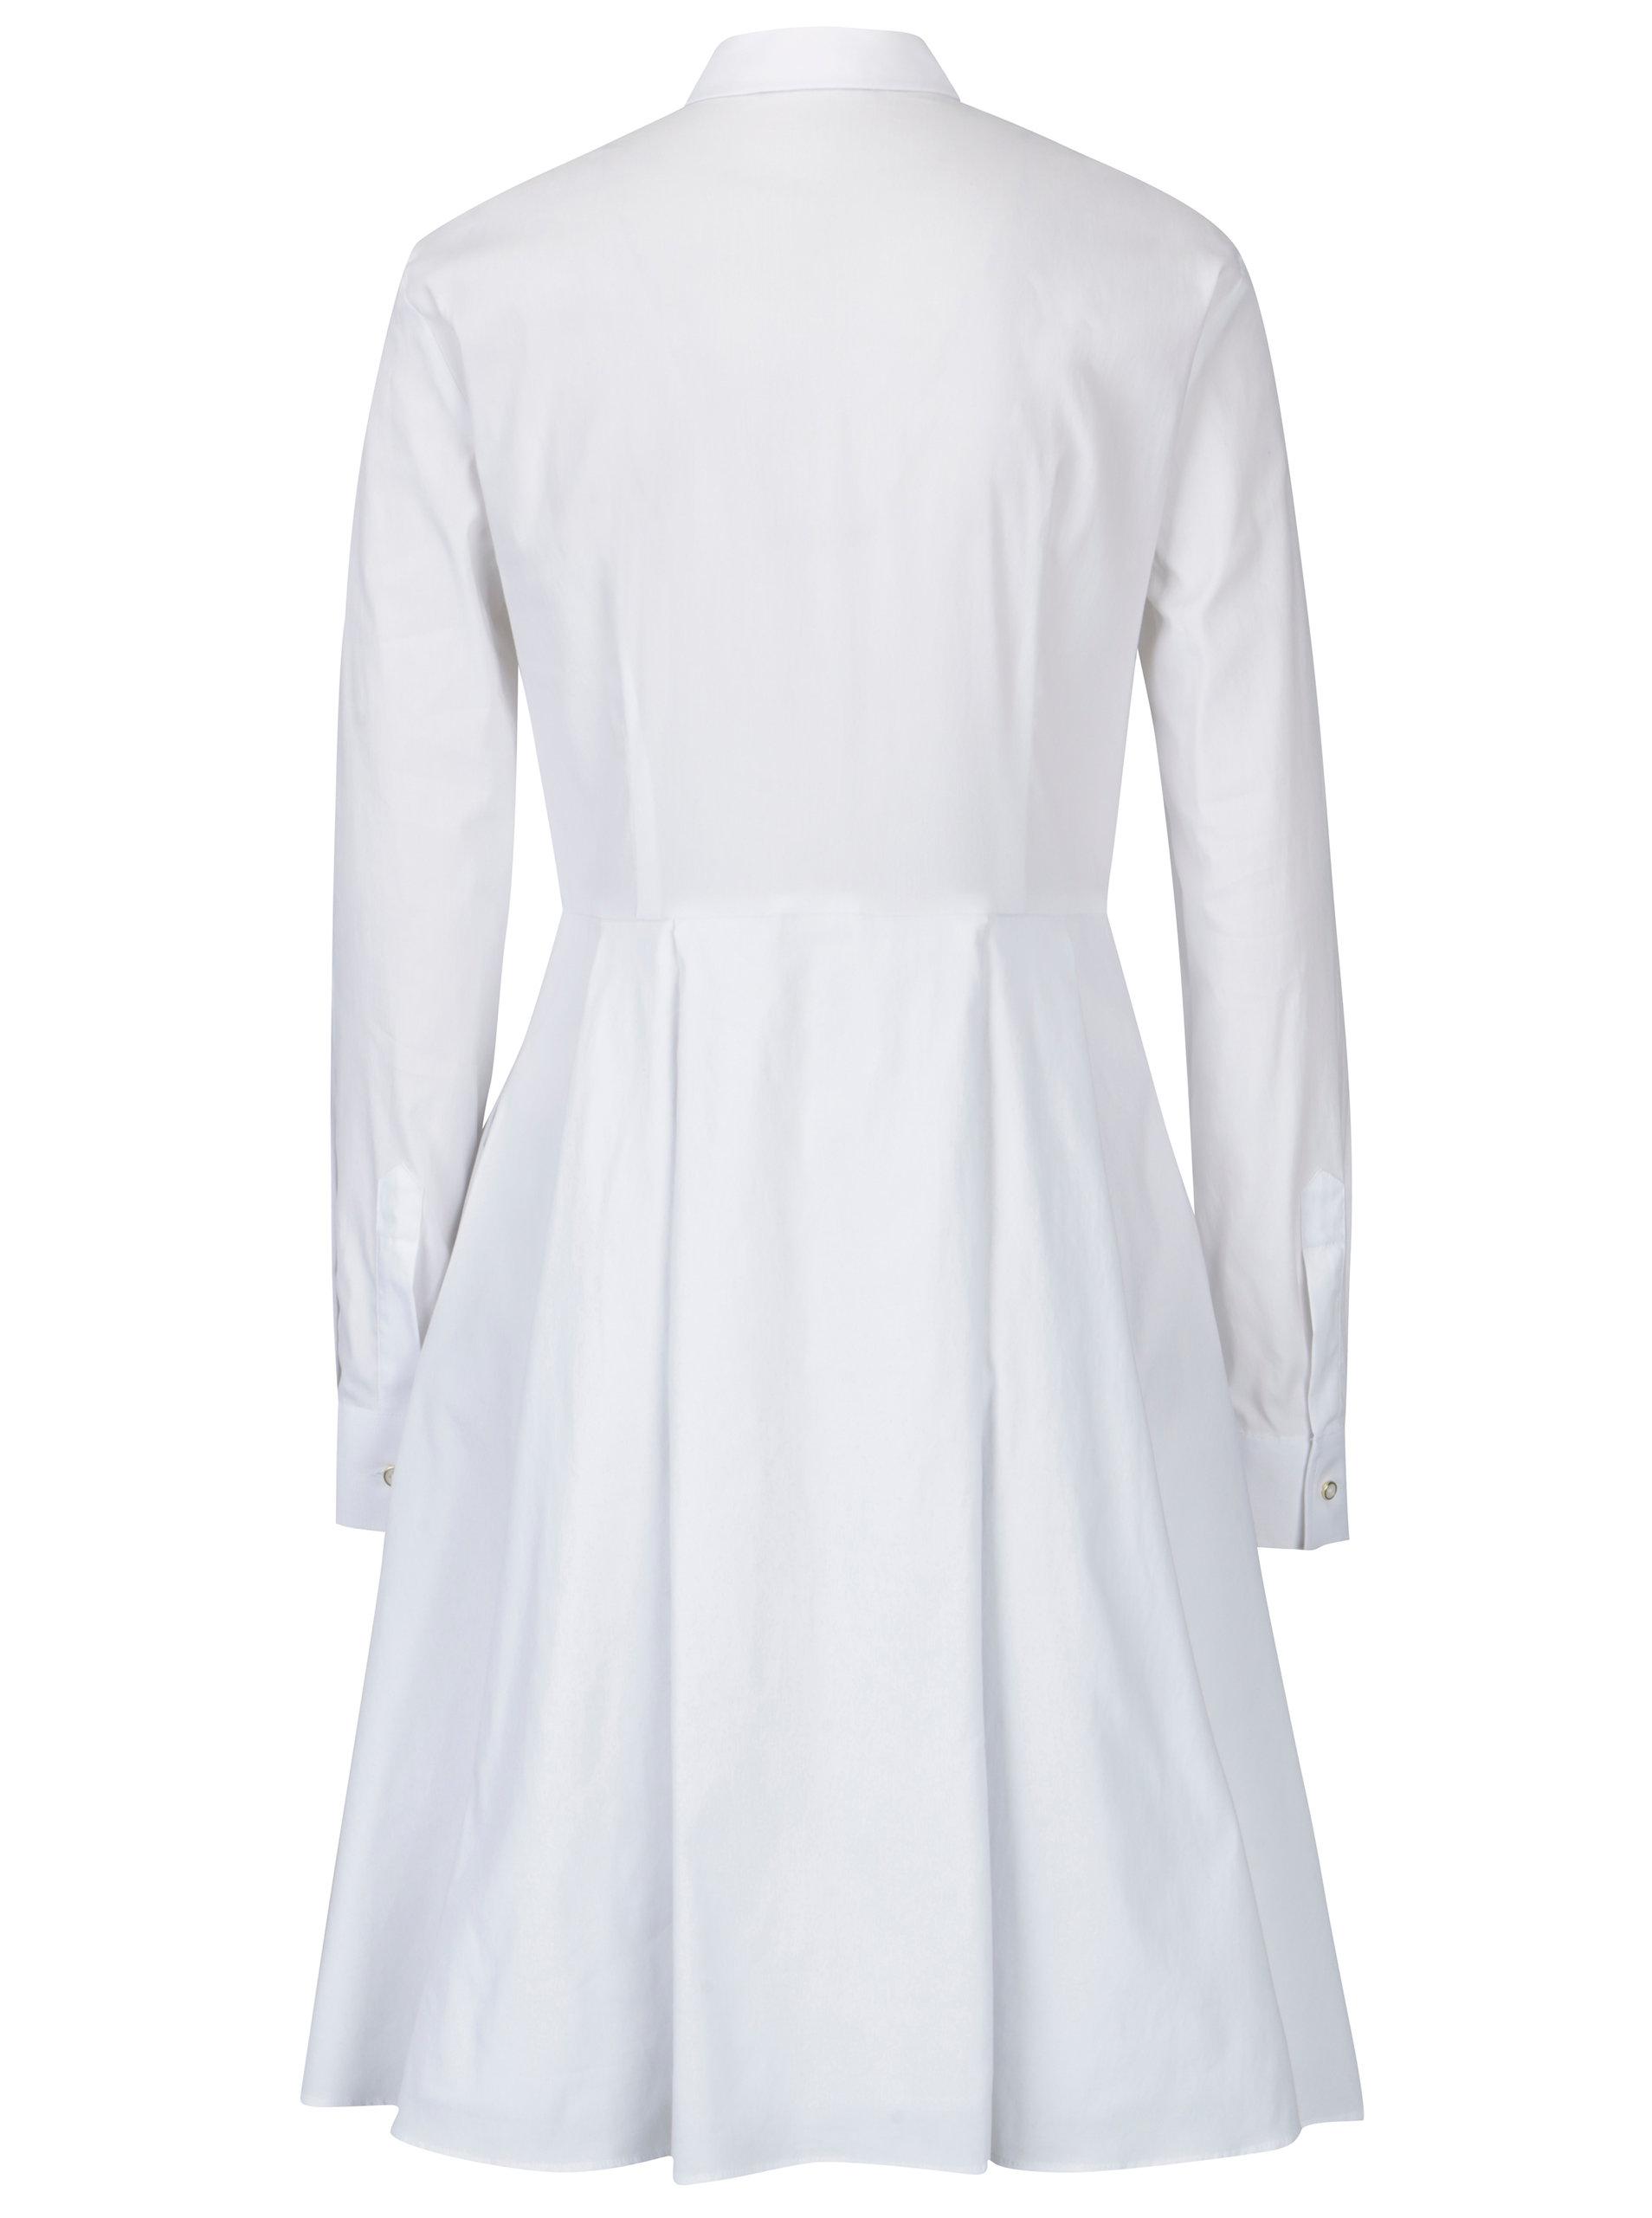 12c356e7565b Bílé dámské košilové šaty Pietro Filipi ...